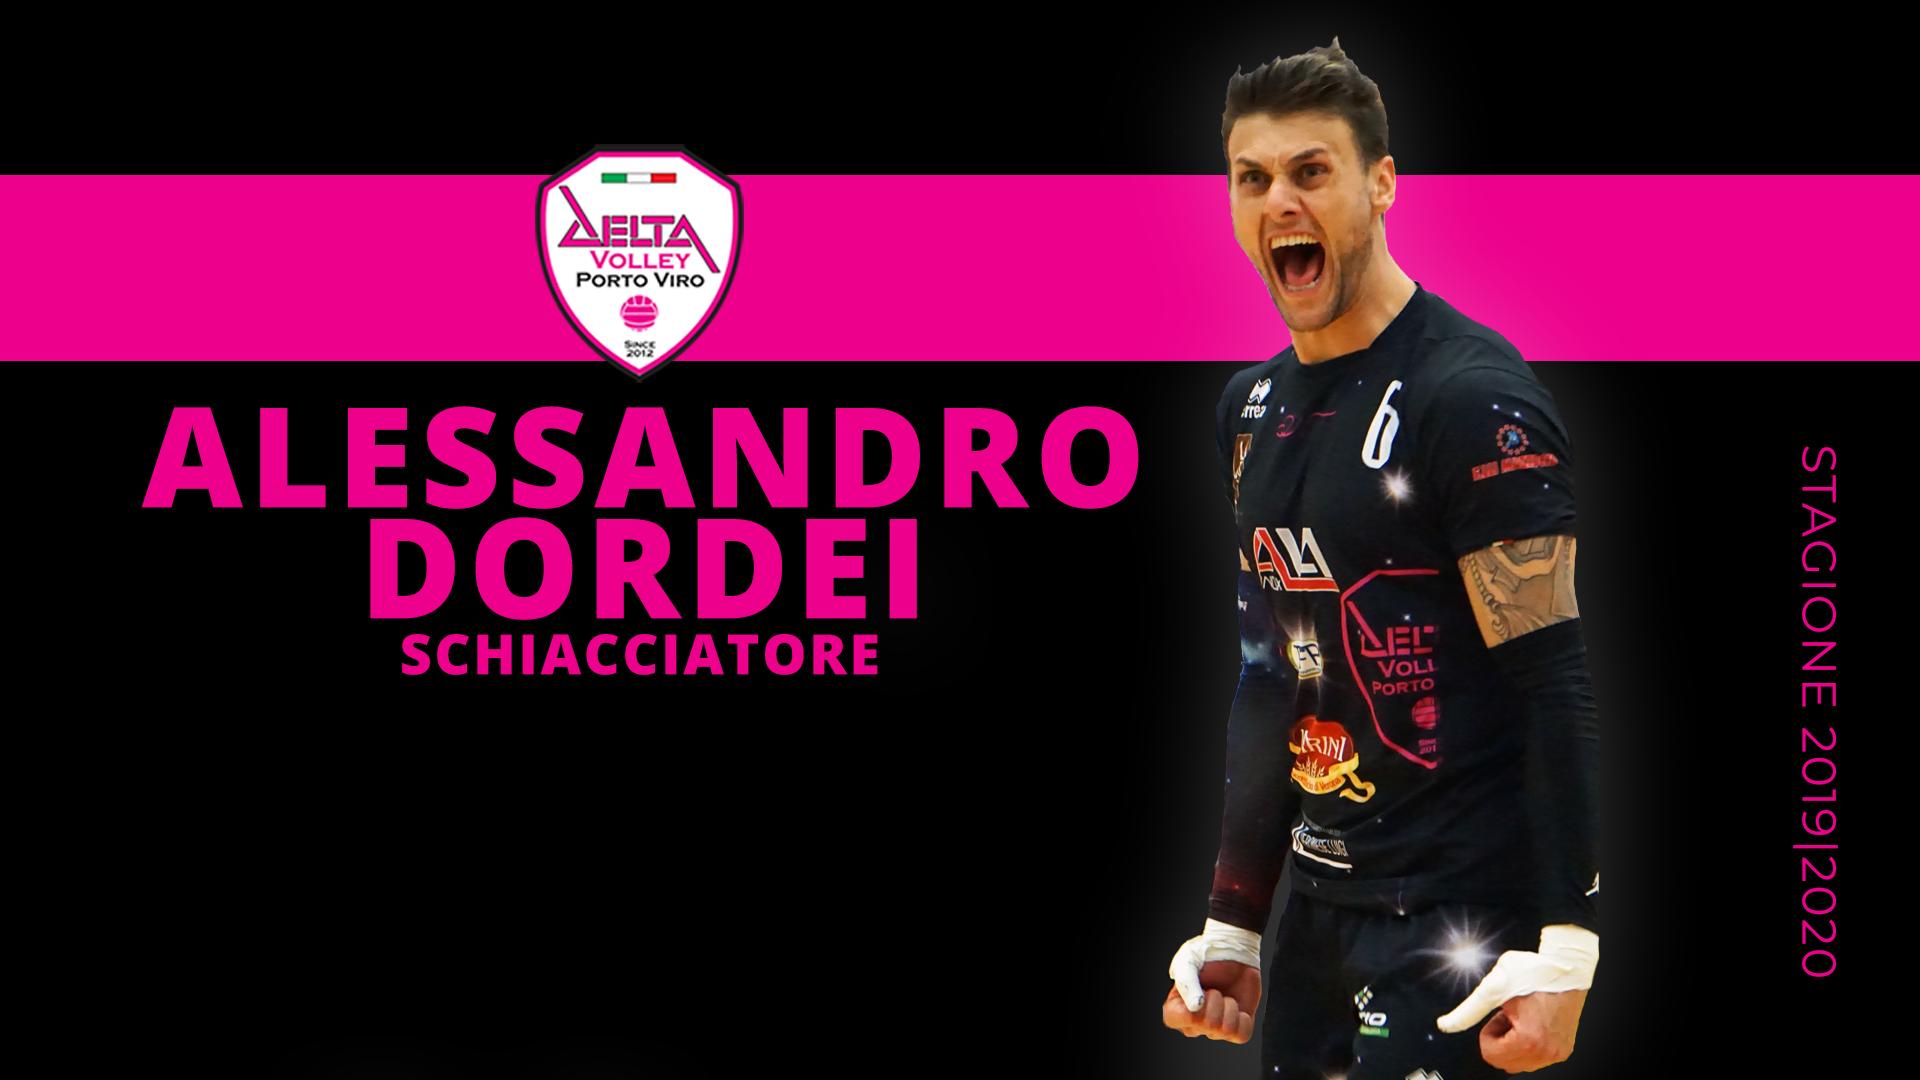 Alessandro Dordei